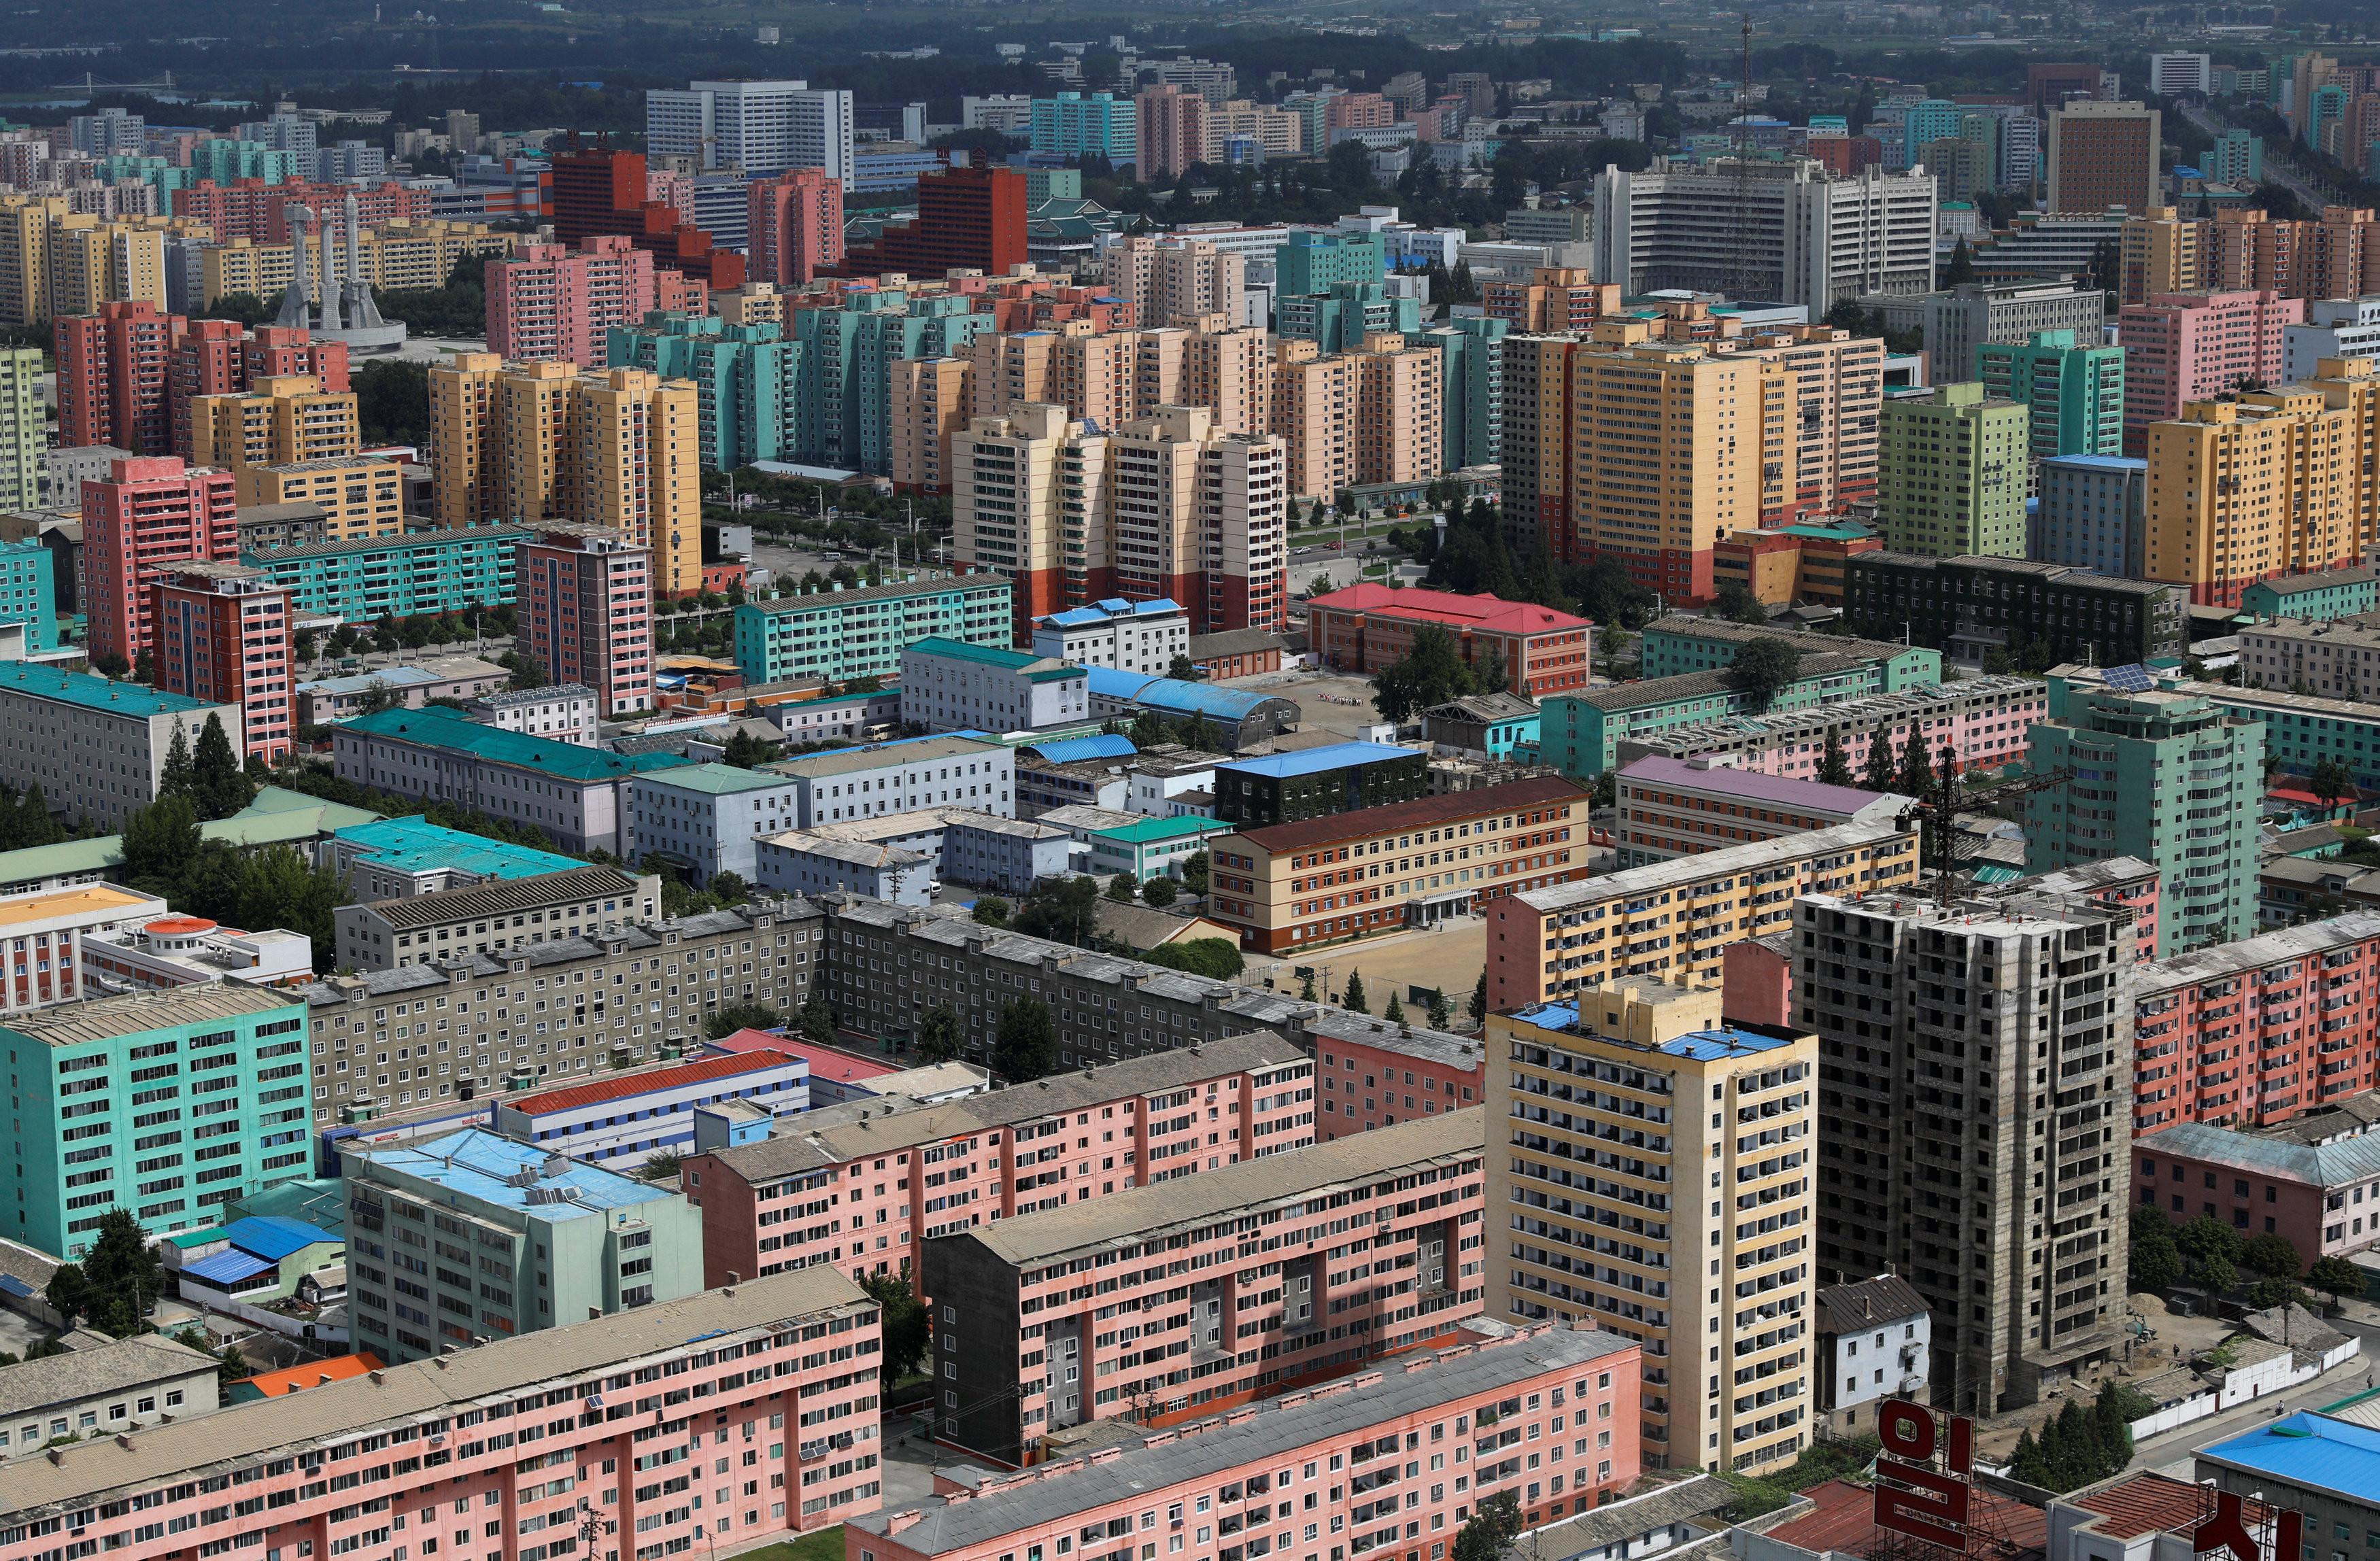 ▲▼北韓街景,平壤街景,平壤,北韓人民,北韓地鐵,平壤地鐵。(圖/路透社)